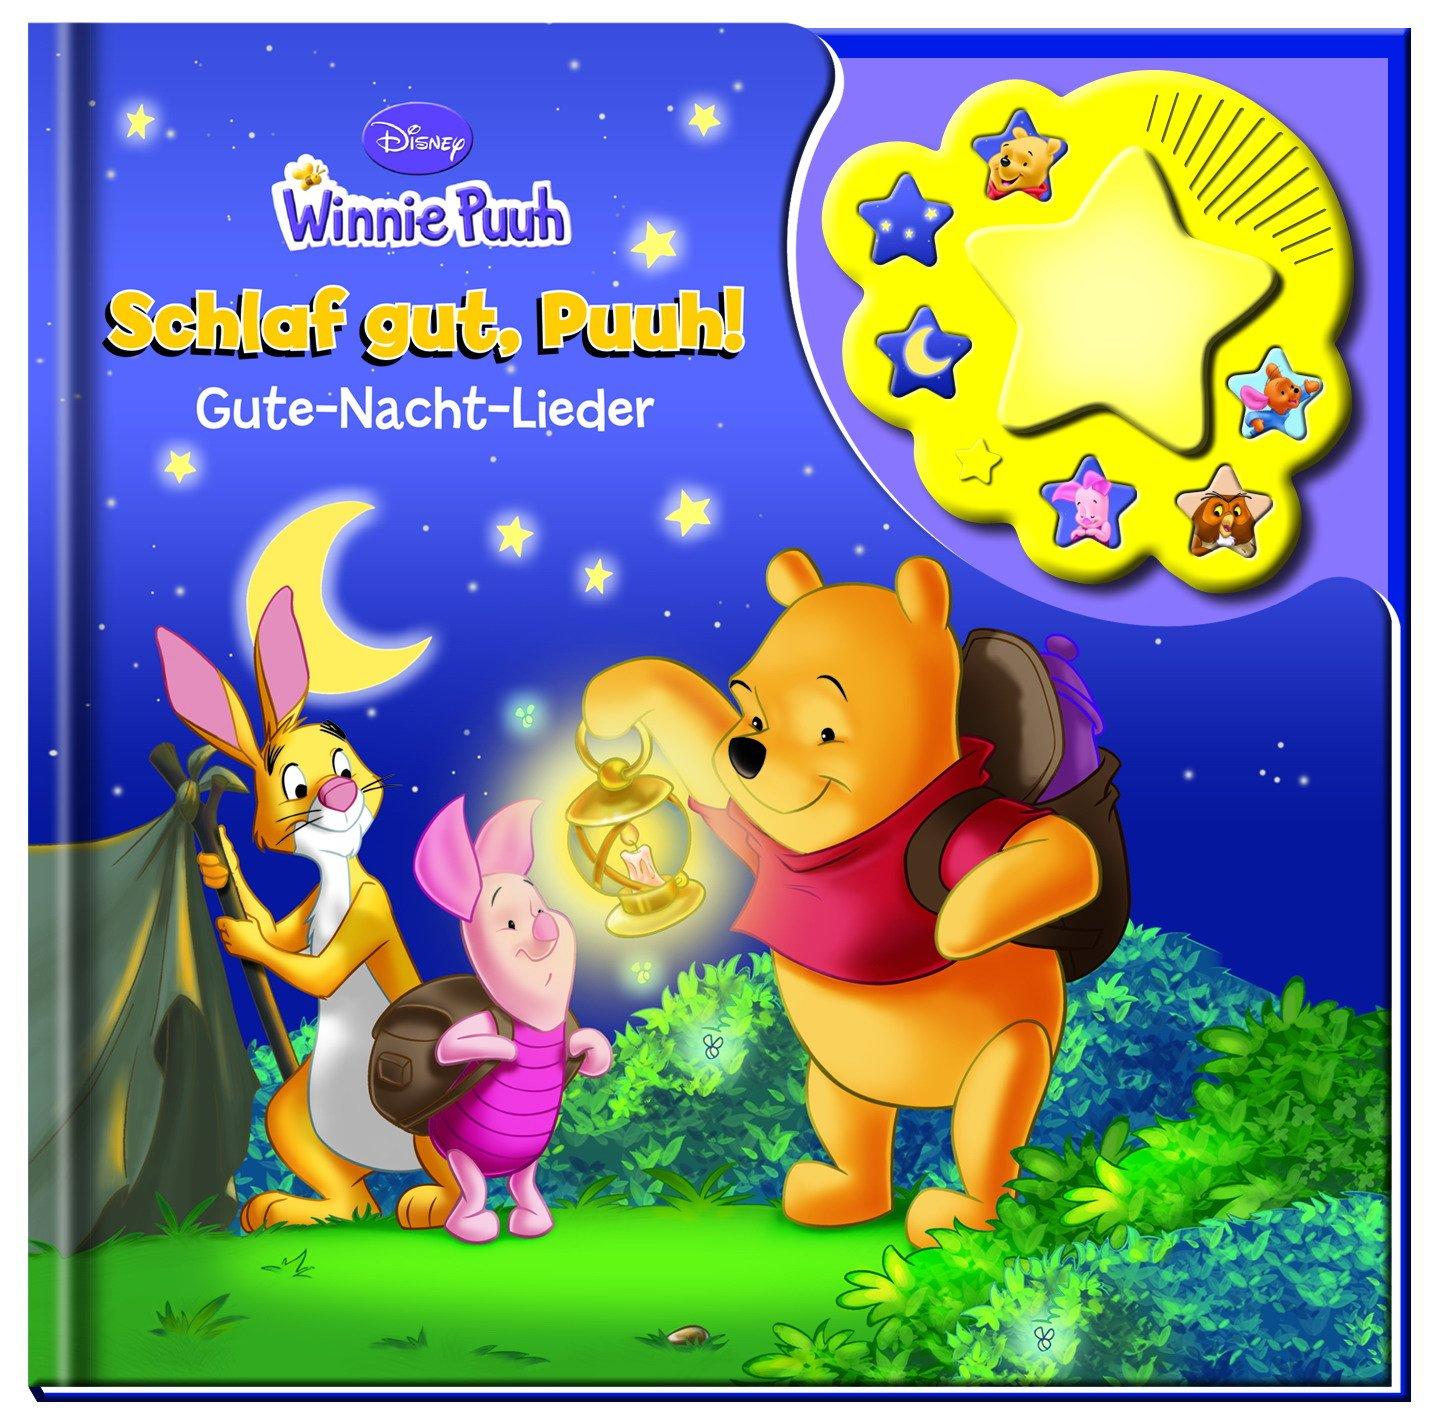 Winnie Puuh, Schlaf gut, Puuh!: Gute-Nacht-Lieder